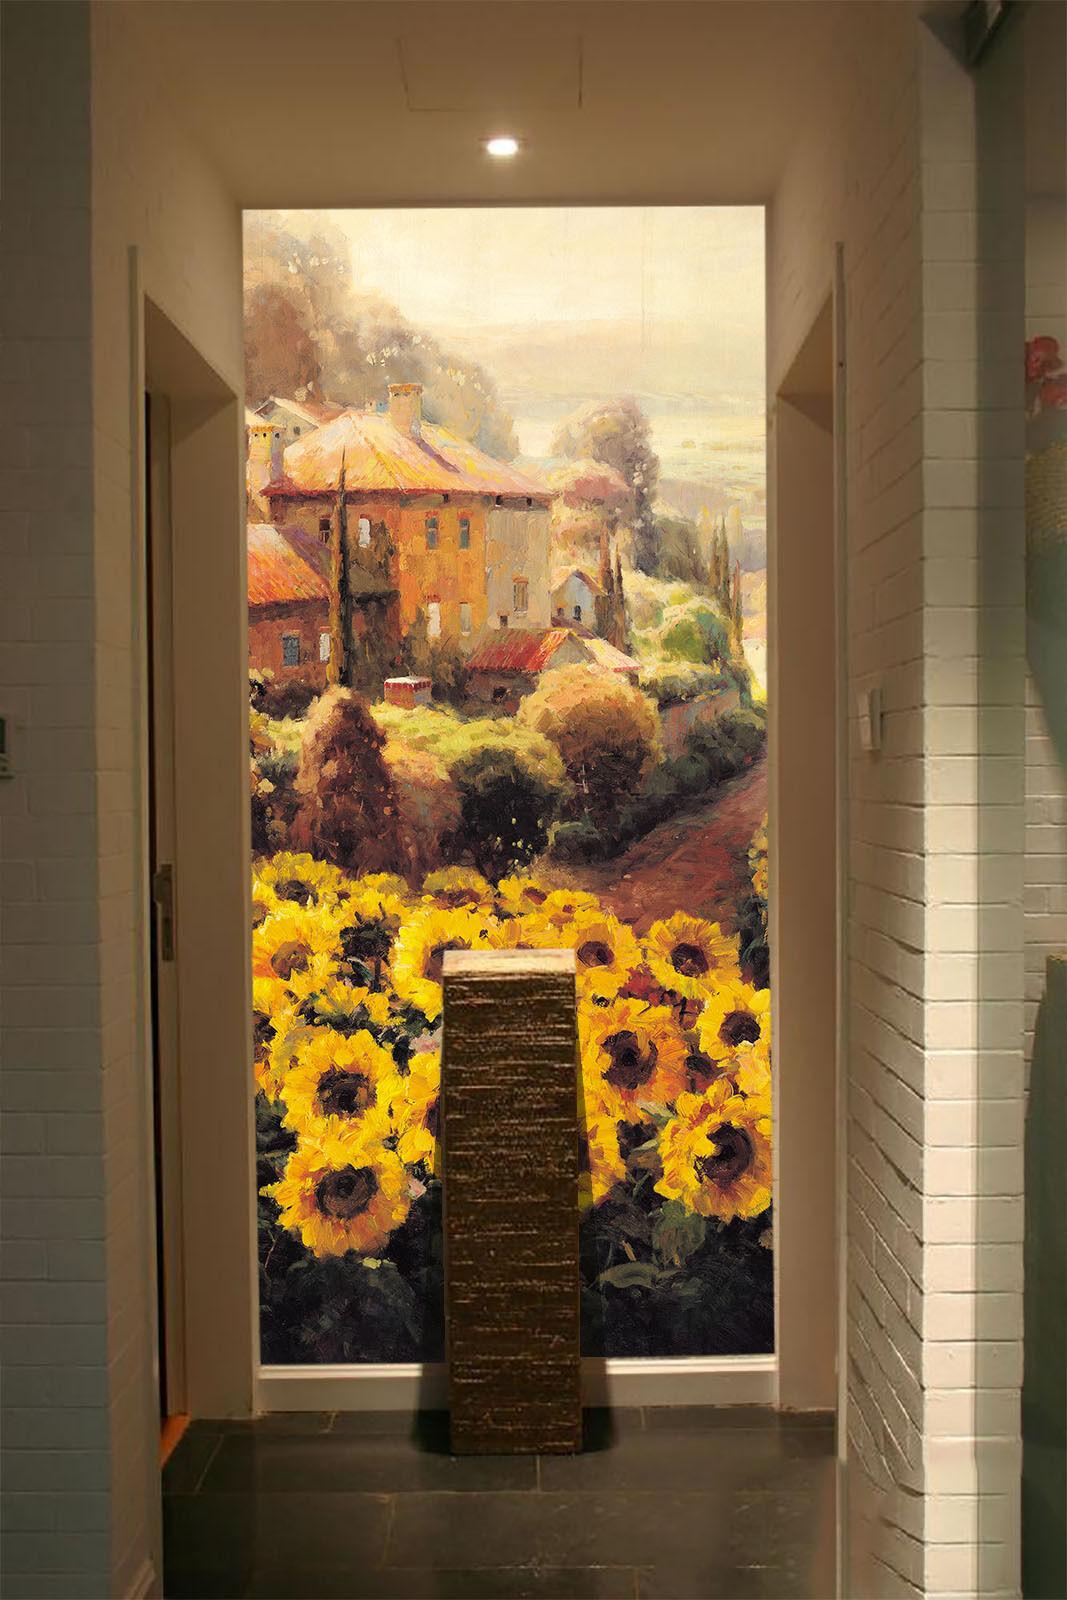 3D Sunflower Garden 1 WallPaper Murals Wall Print Decal Wall Deco AJ WALLPAPER